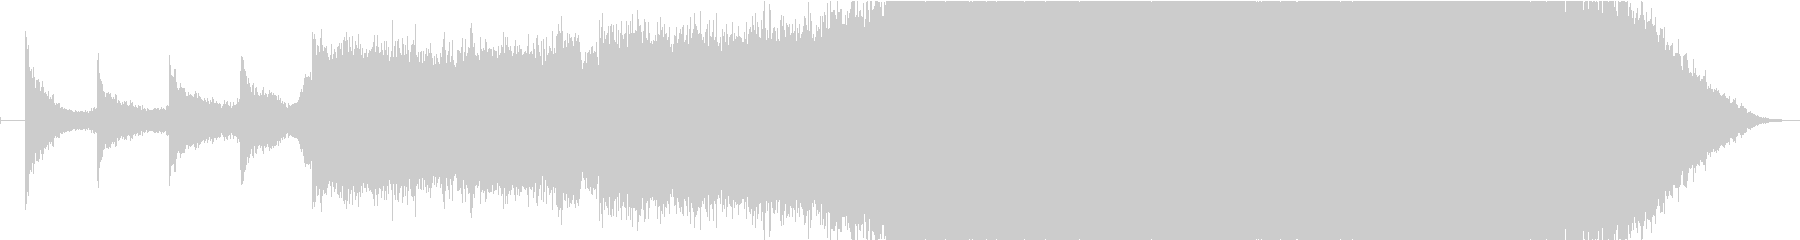 現代的 交響曲 クラシック ドラマ...の未再生の波形